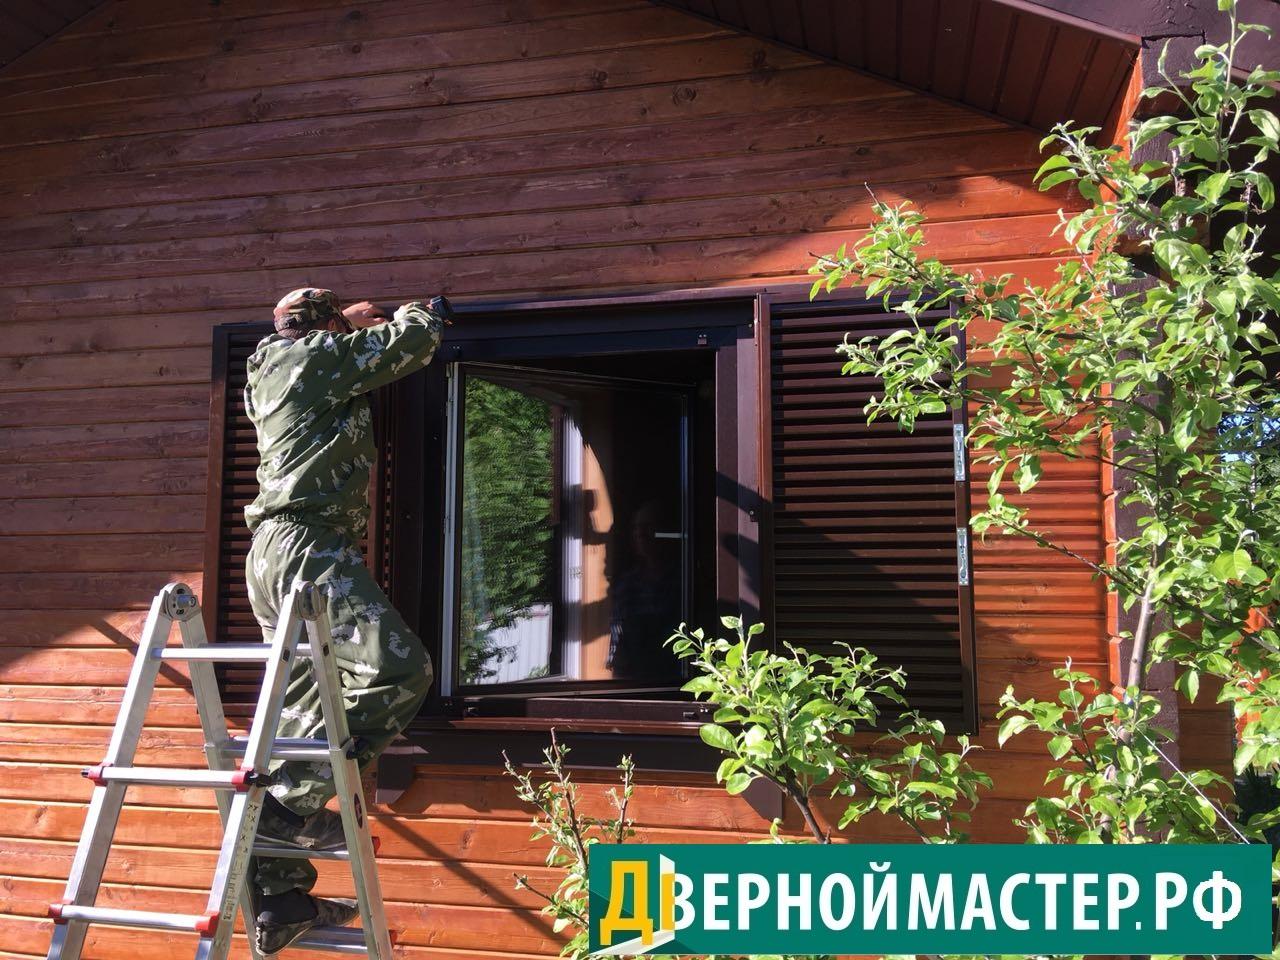 Установка ставни на окна купить в деревянный дом. Работа монтажника